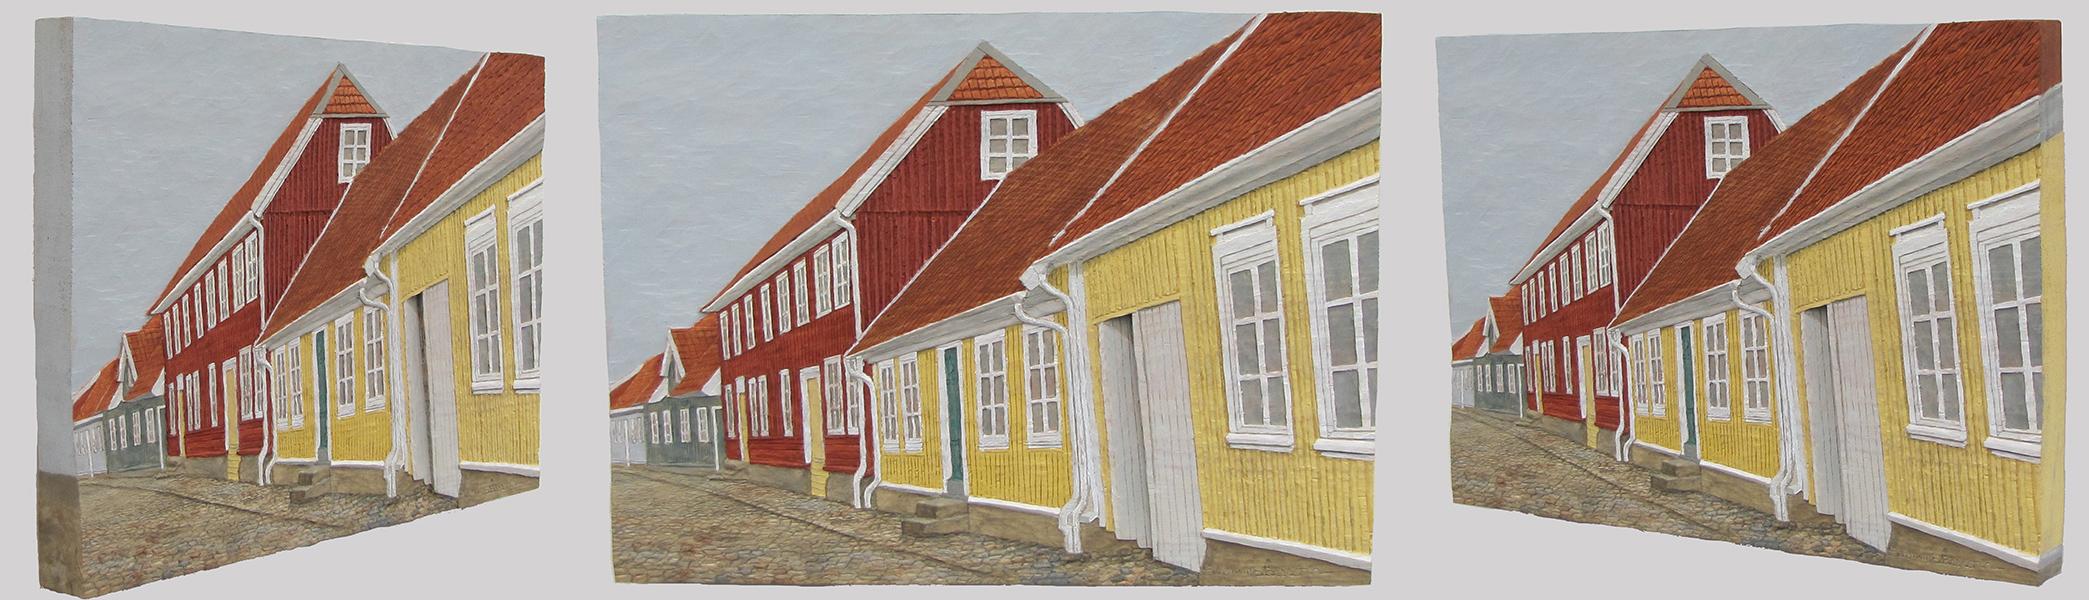 Gamla stan, Falkenberg, från olika vinklar